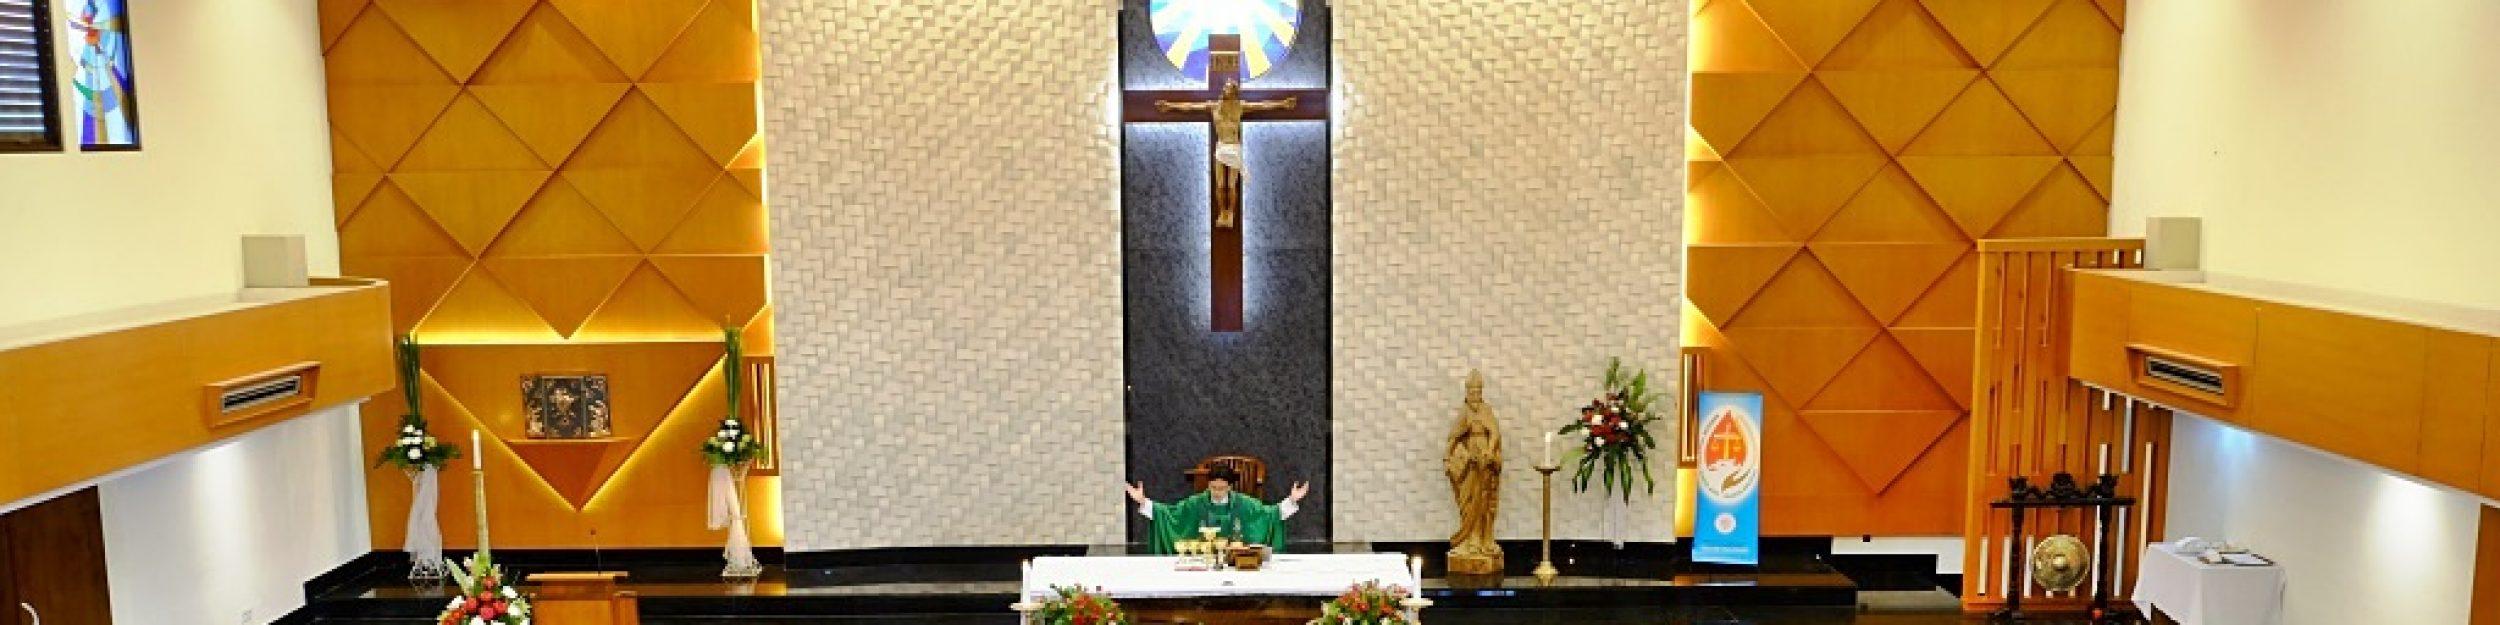 Paroki St. Agustinus